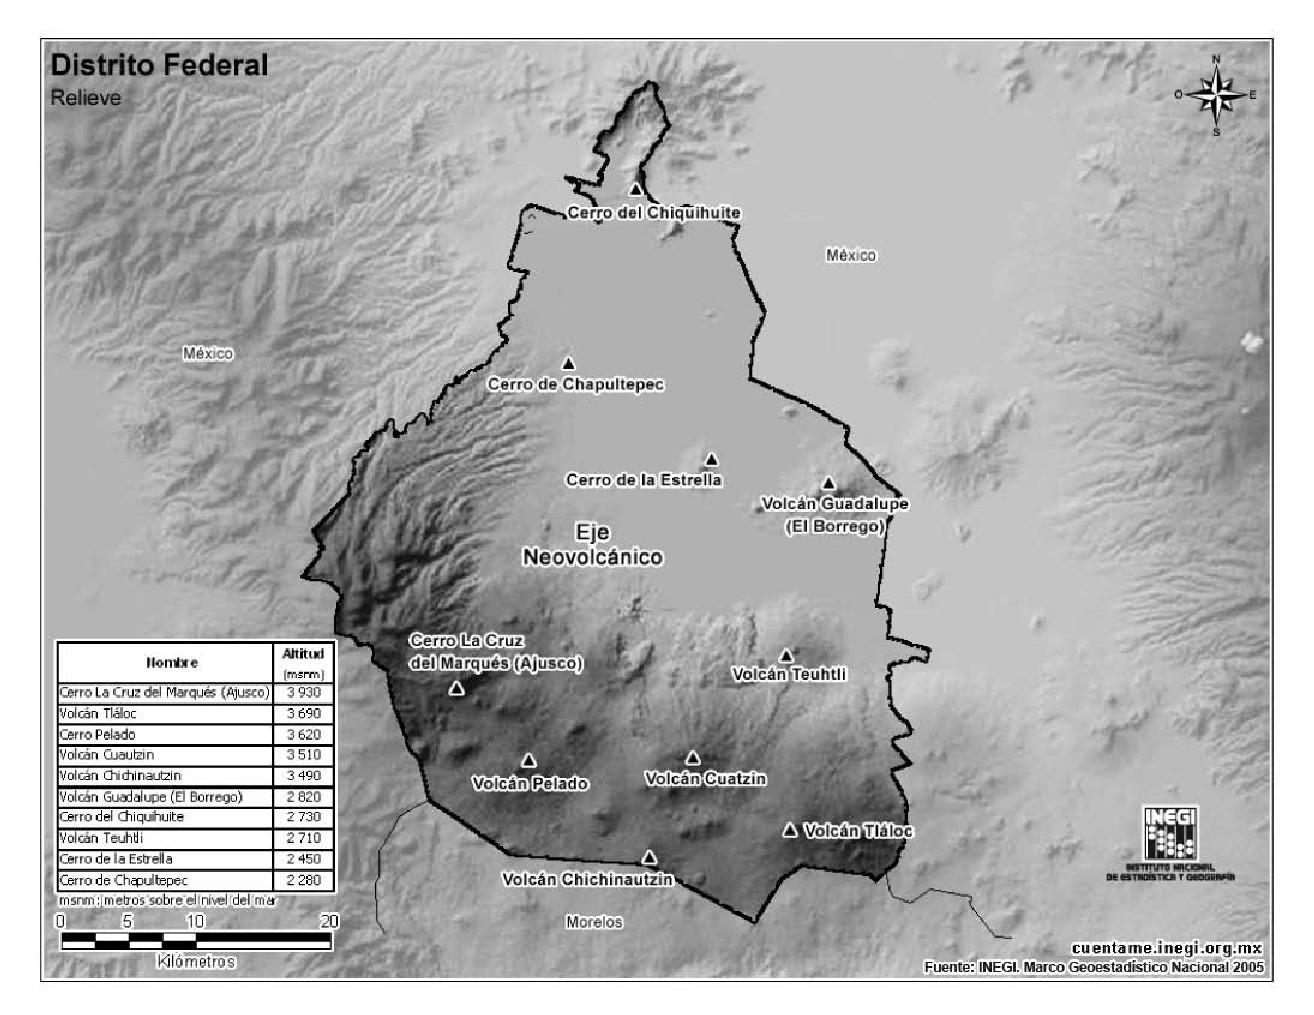 Mapa de montañas de Ciudad de México. INEGI de México